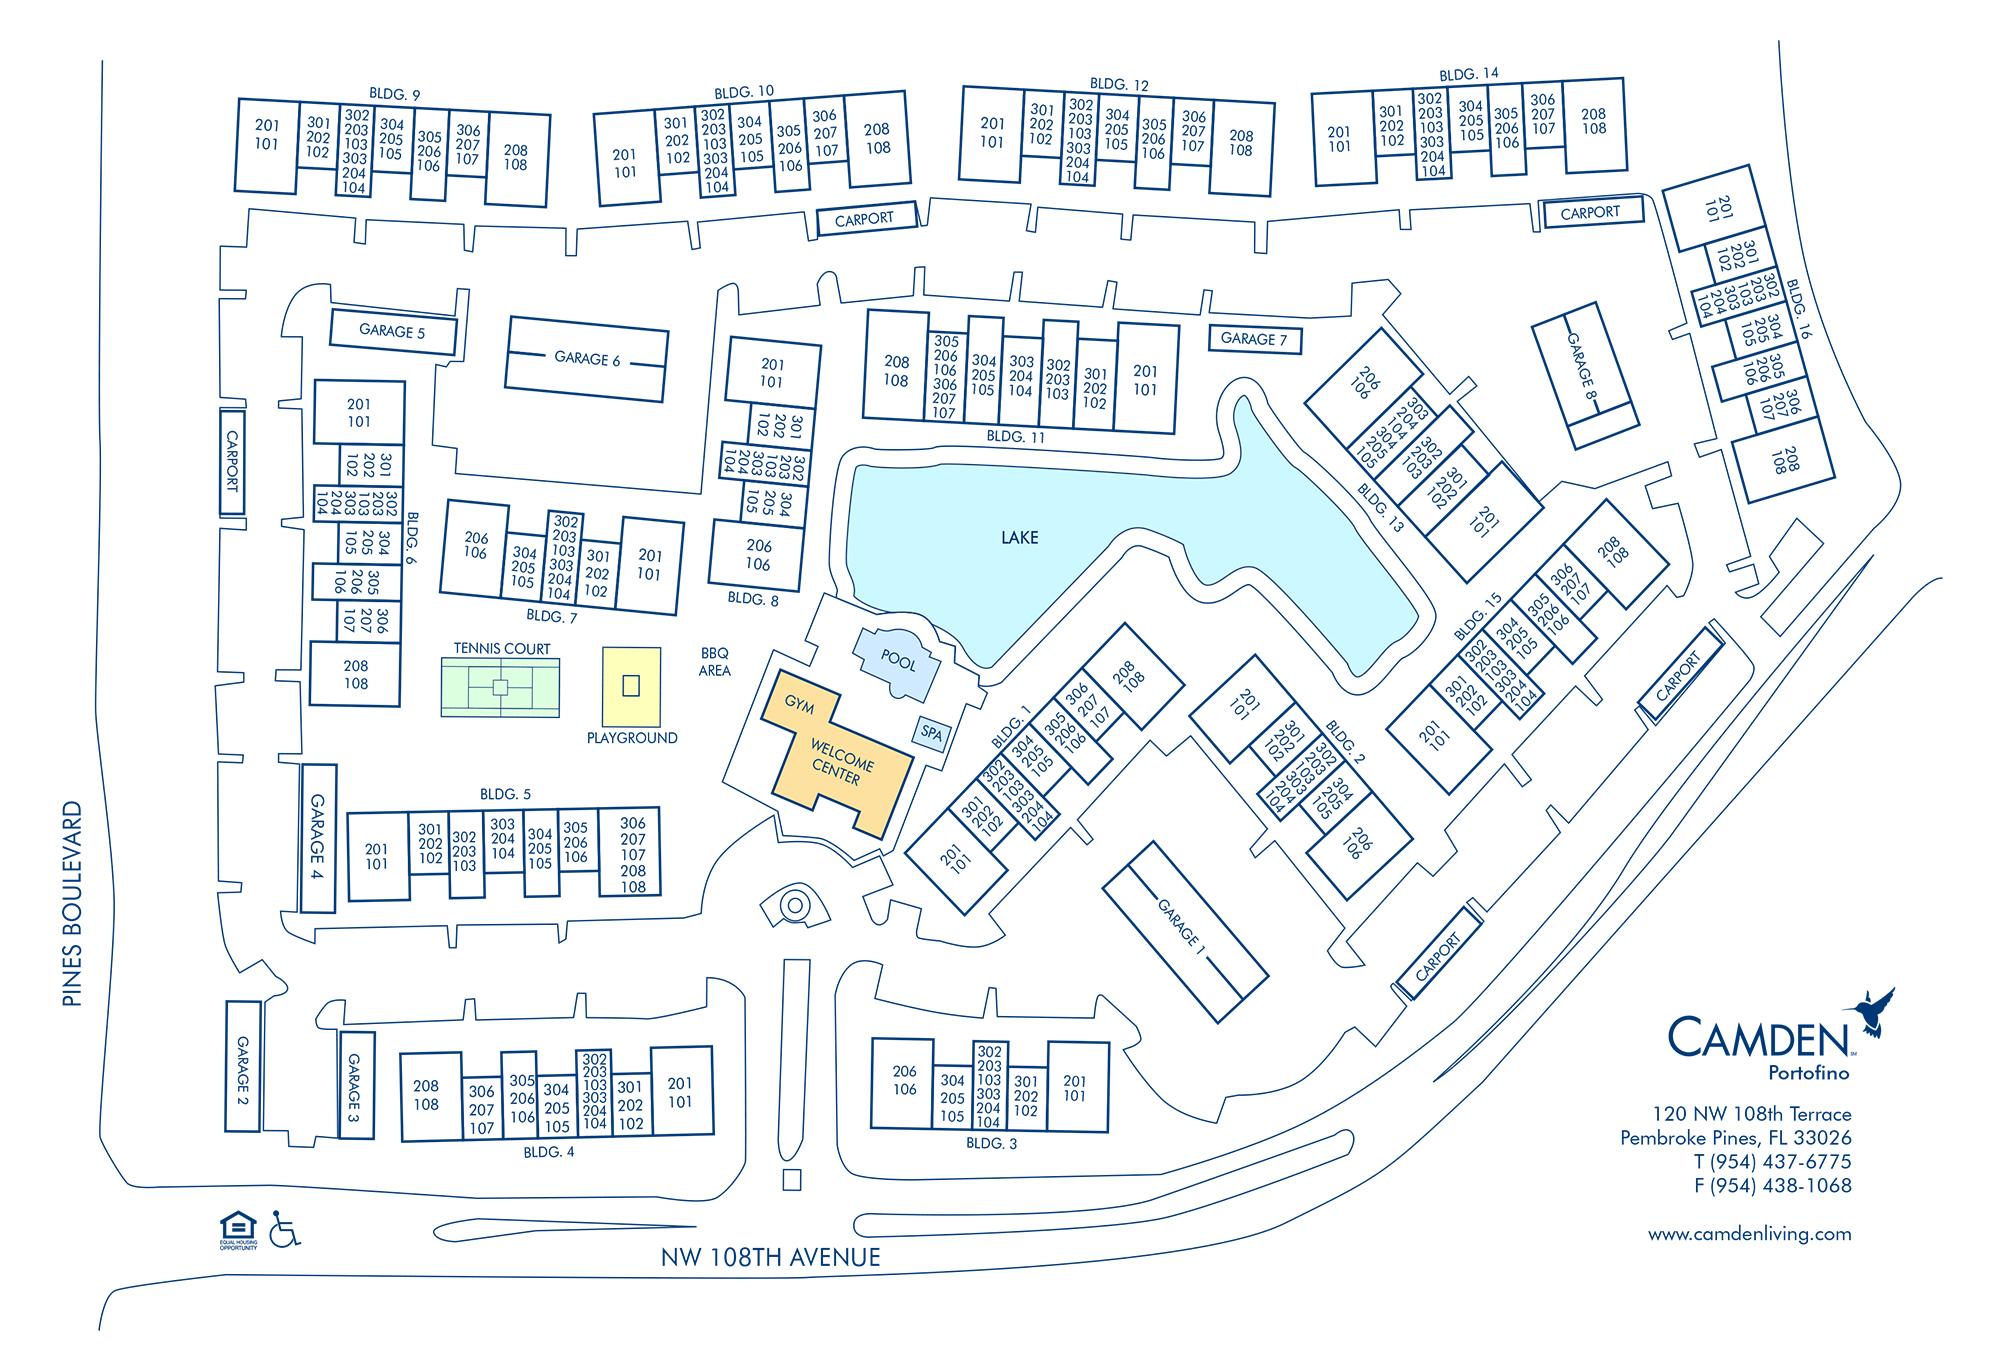 Apartments For Rent In Pembroke Pines, Fl - Camden Portofino - Portofino Florida Map